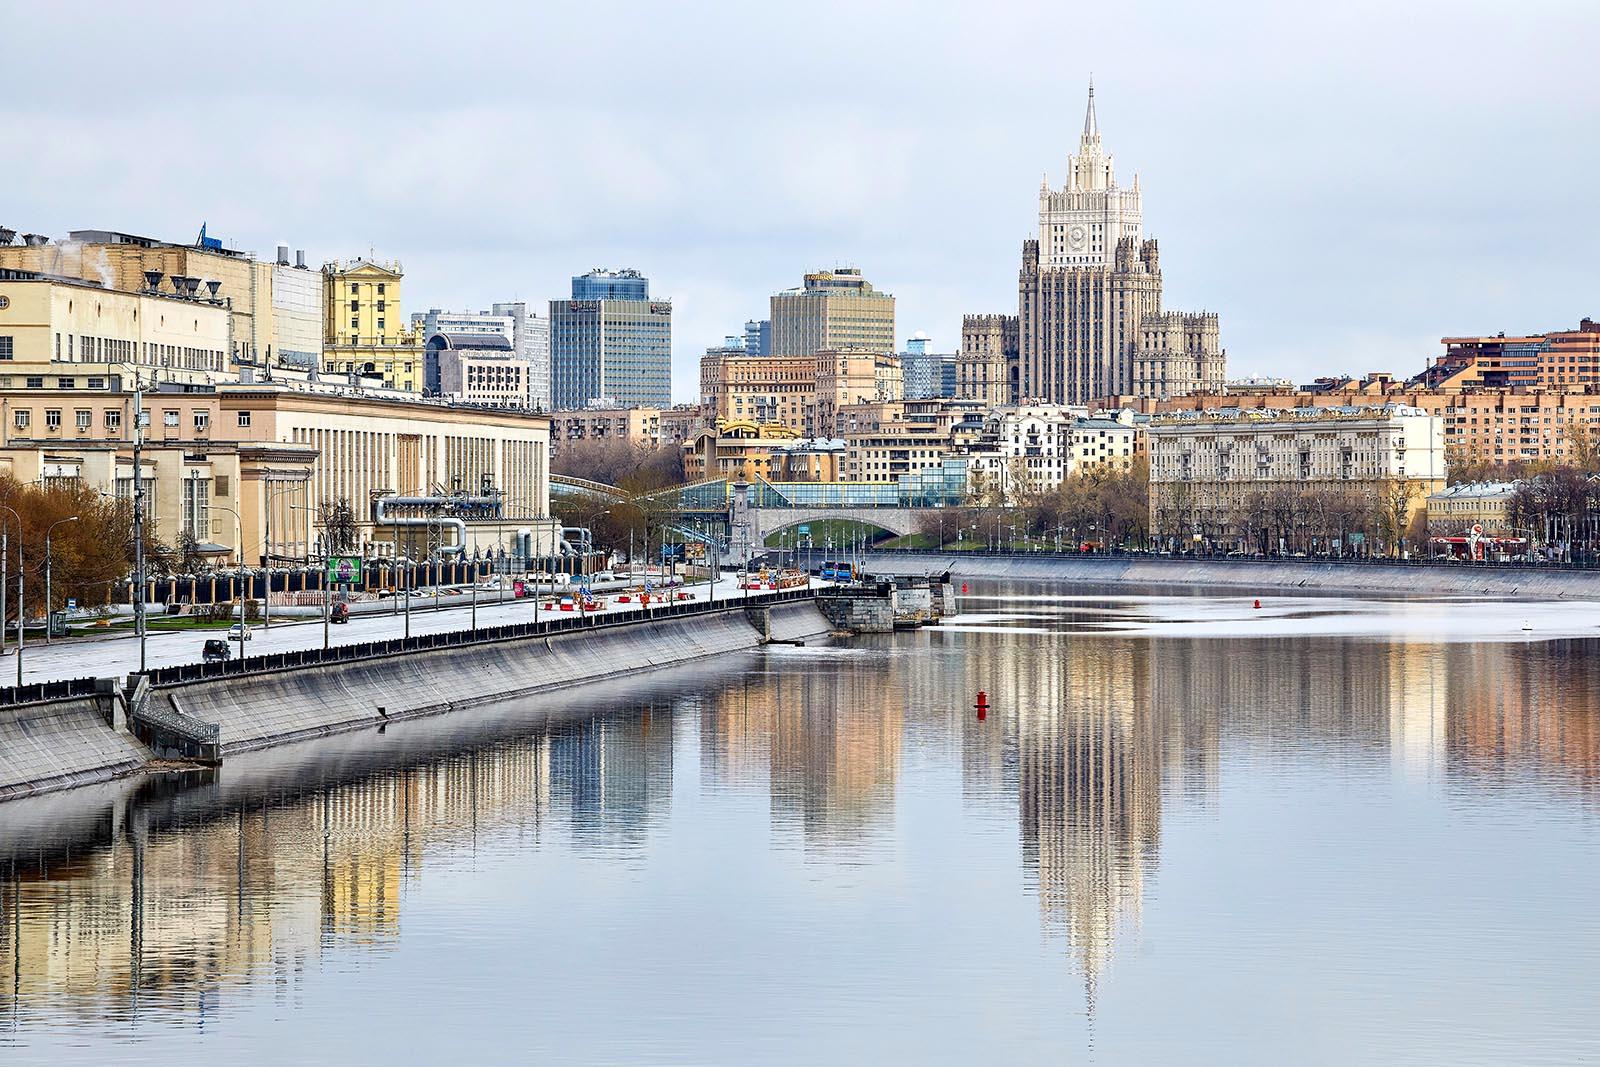 По итогам 2021 года темпы роста экономики Москвы могут выйти на уровень до начала пандемии